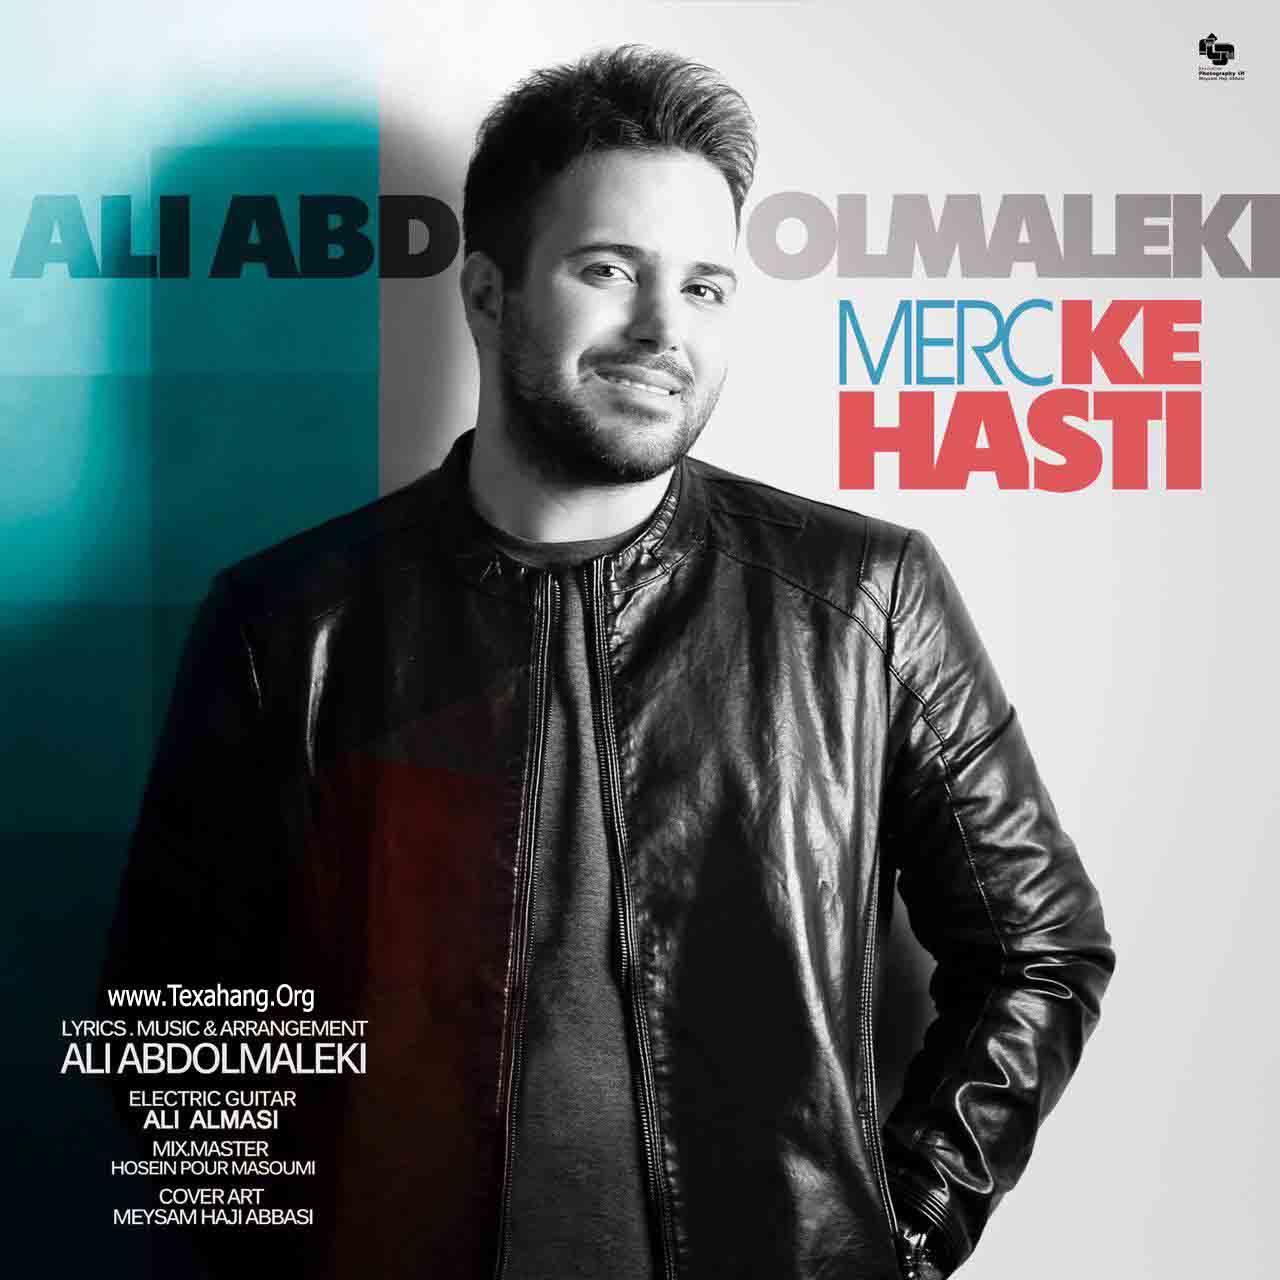 متن آهنگ جدید علی عبدالمالکی به نام مرسی که هستی